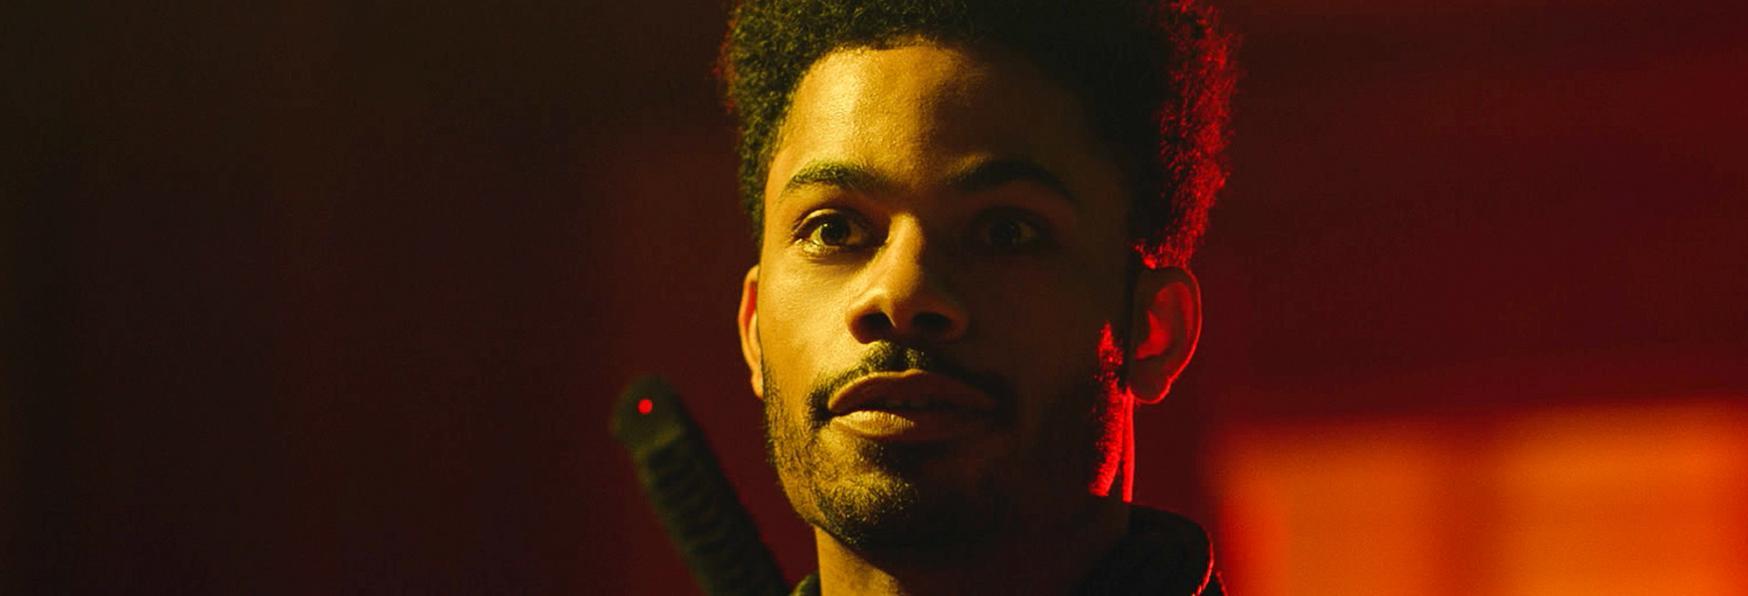 Painkiller: la Serie TV Spin-Off potrebbe passare a HBO Max